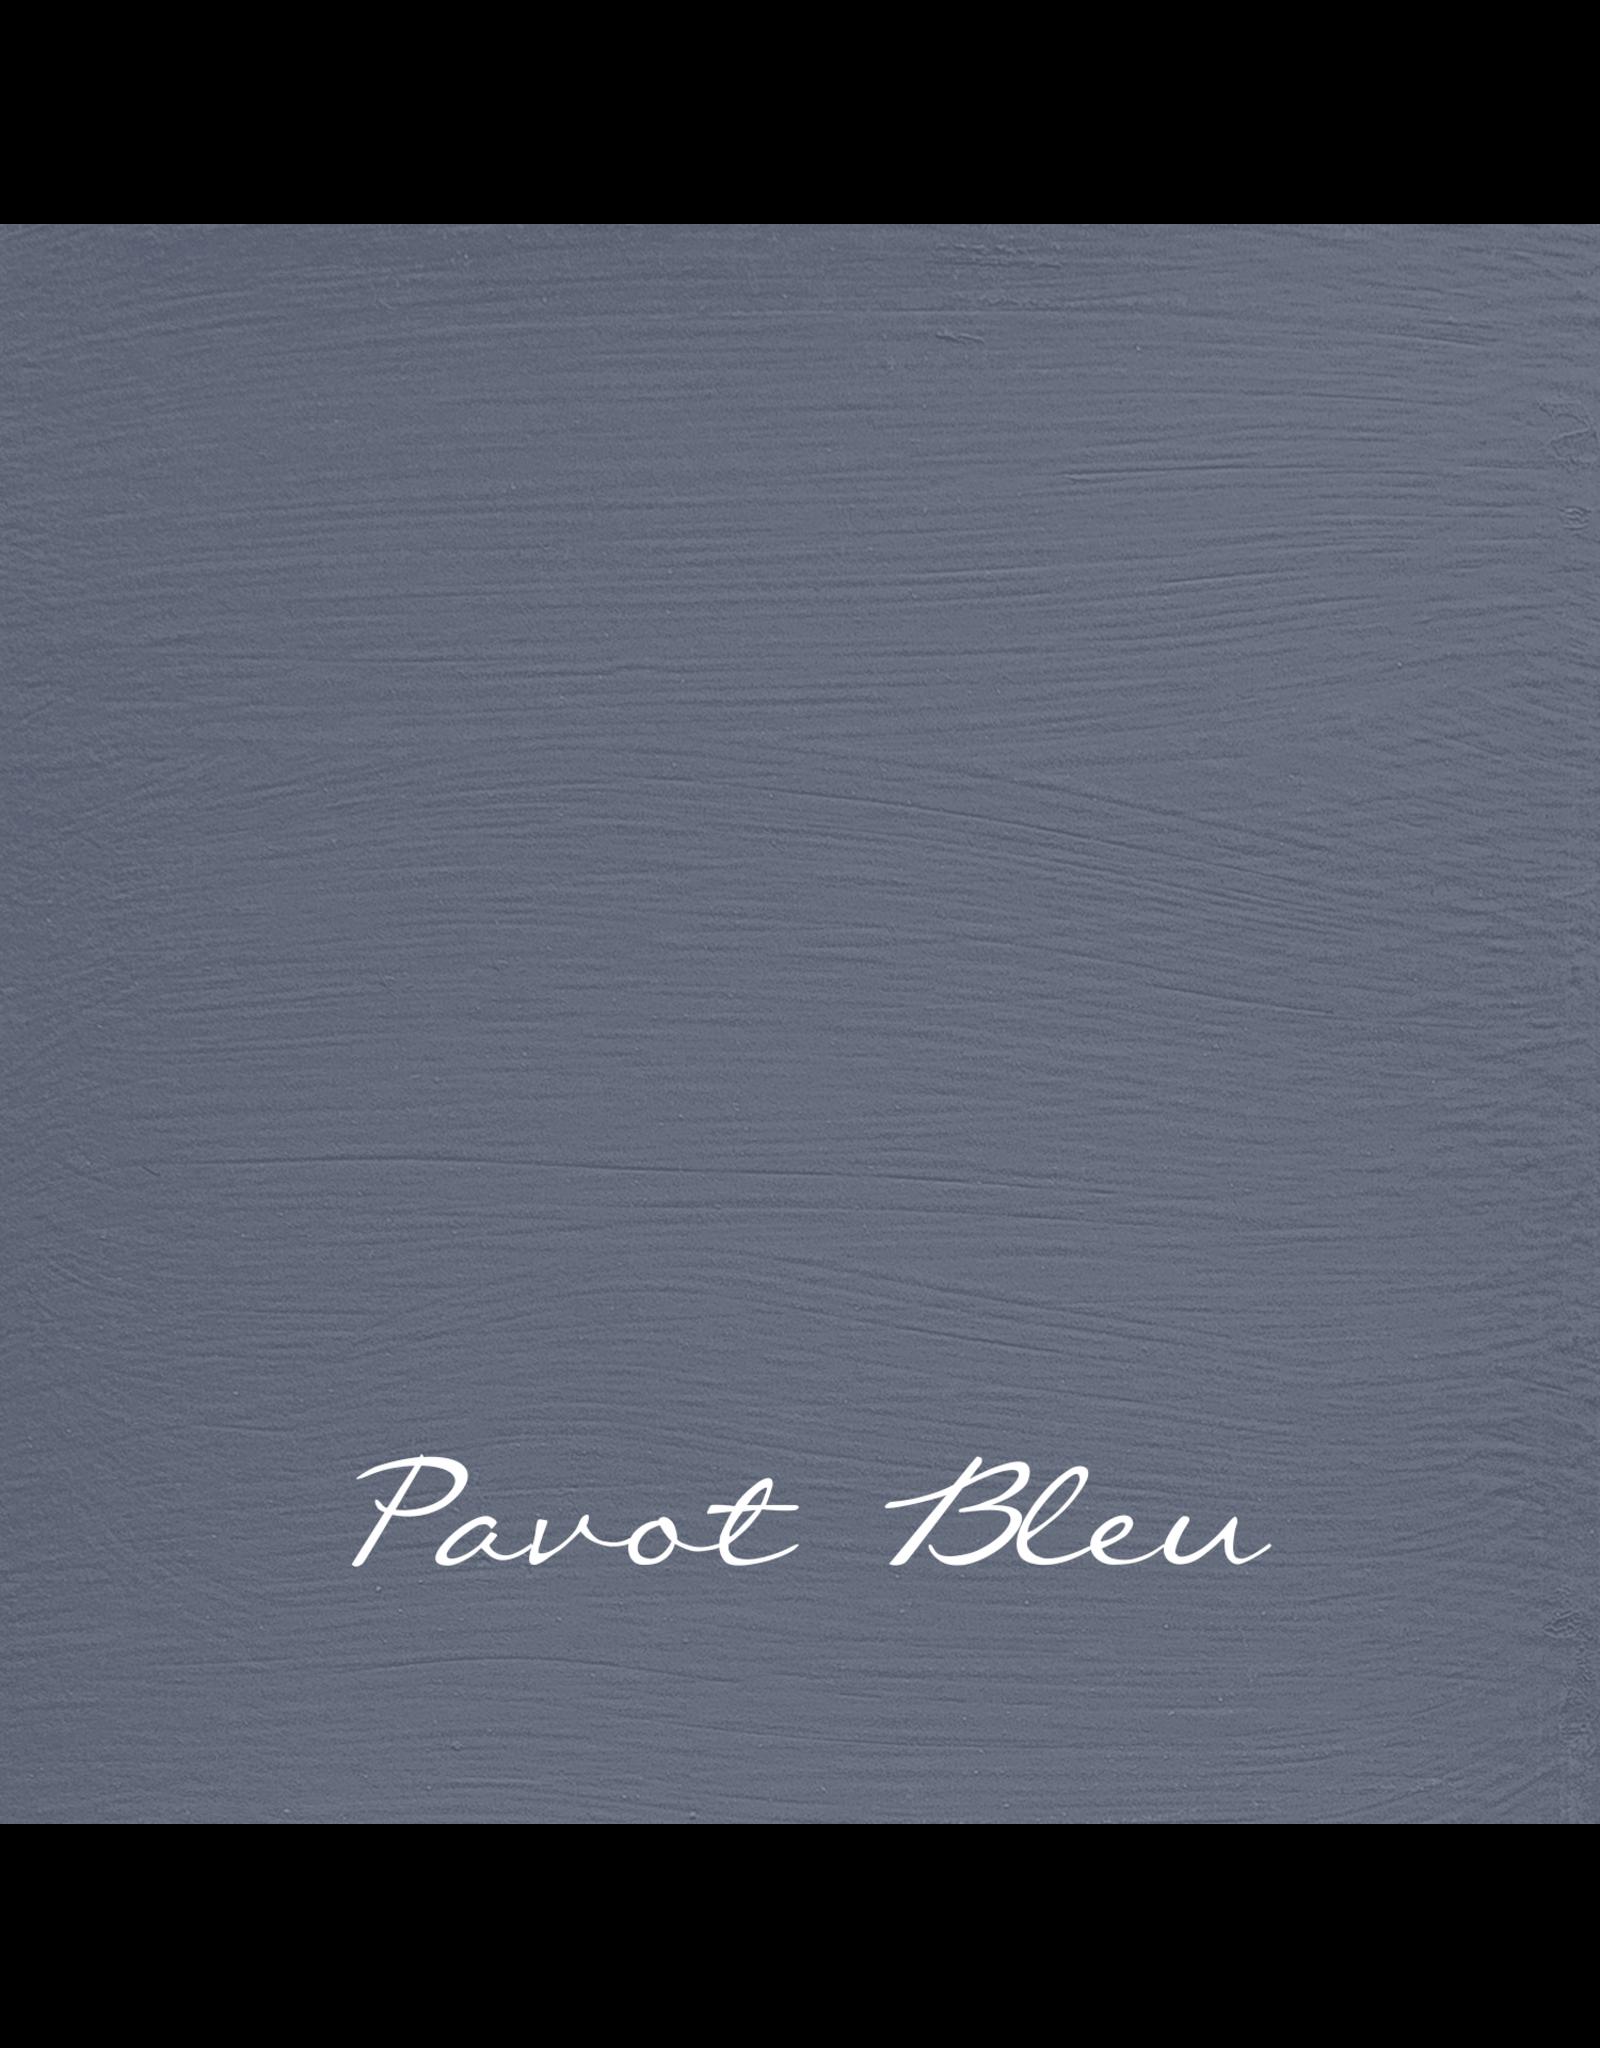 Autentico Paint Autentico Paint: Pavot Bleu